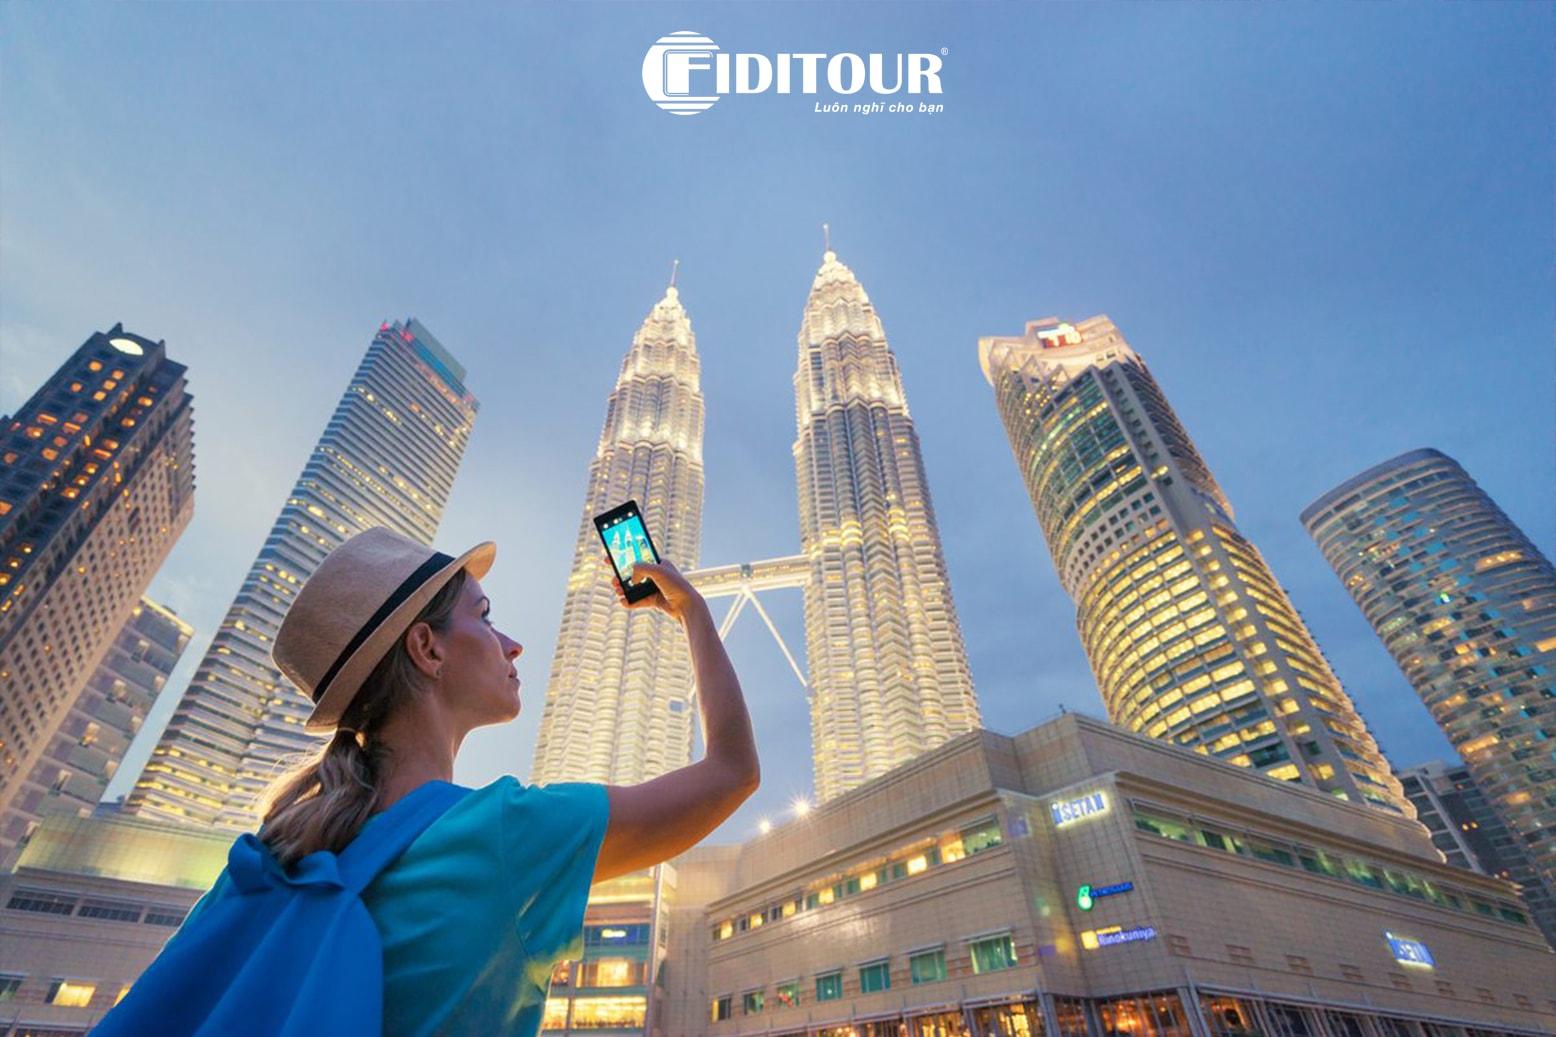 Công ty cổ phần du lịch Fiditour